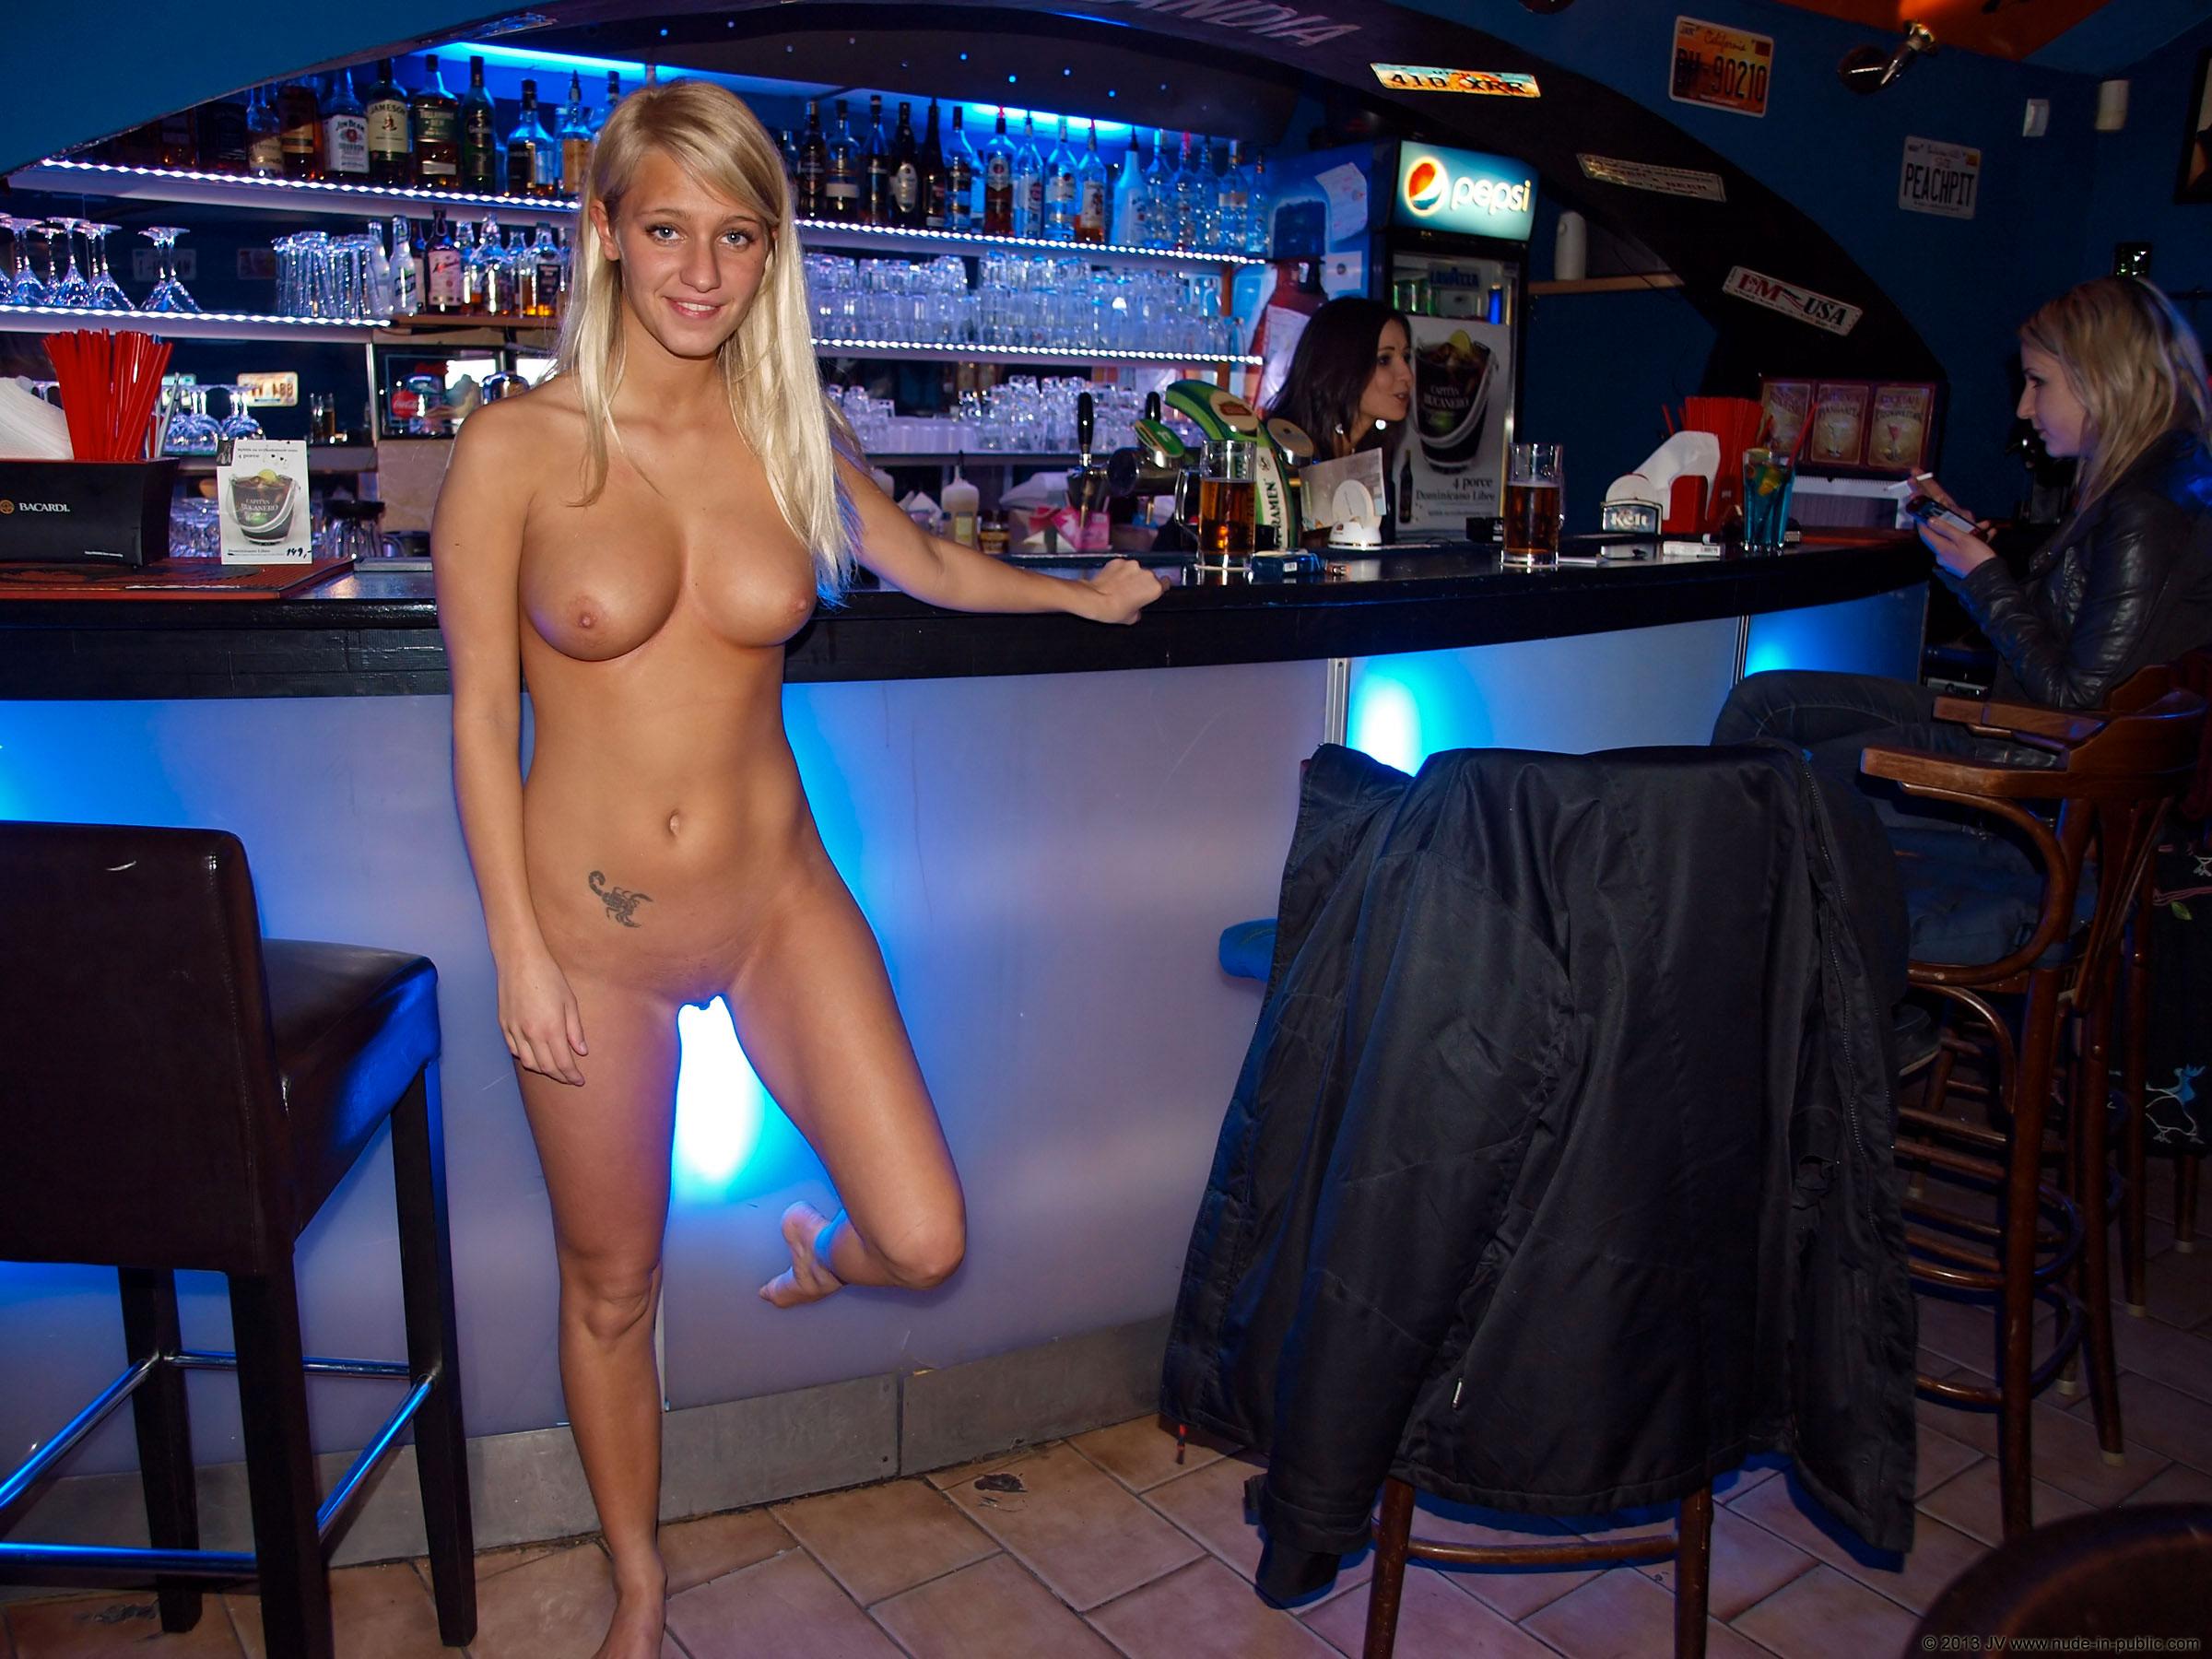 Фото голые в клубах, Фото голых девушек в ночных клубах частное порно 23 фотография